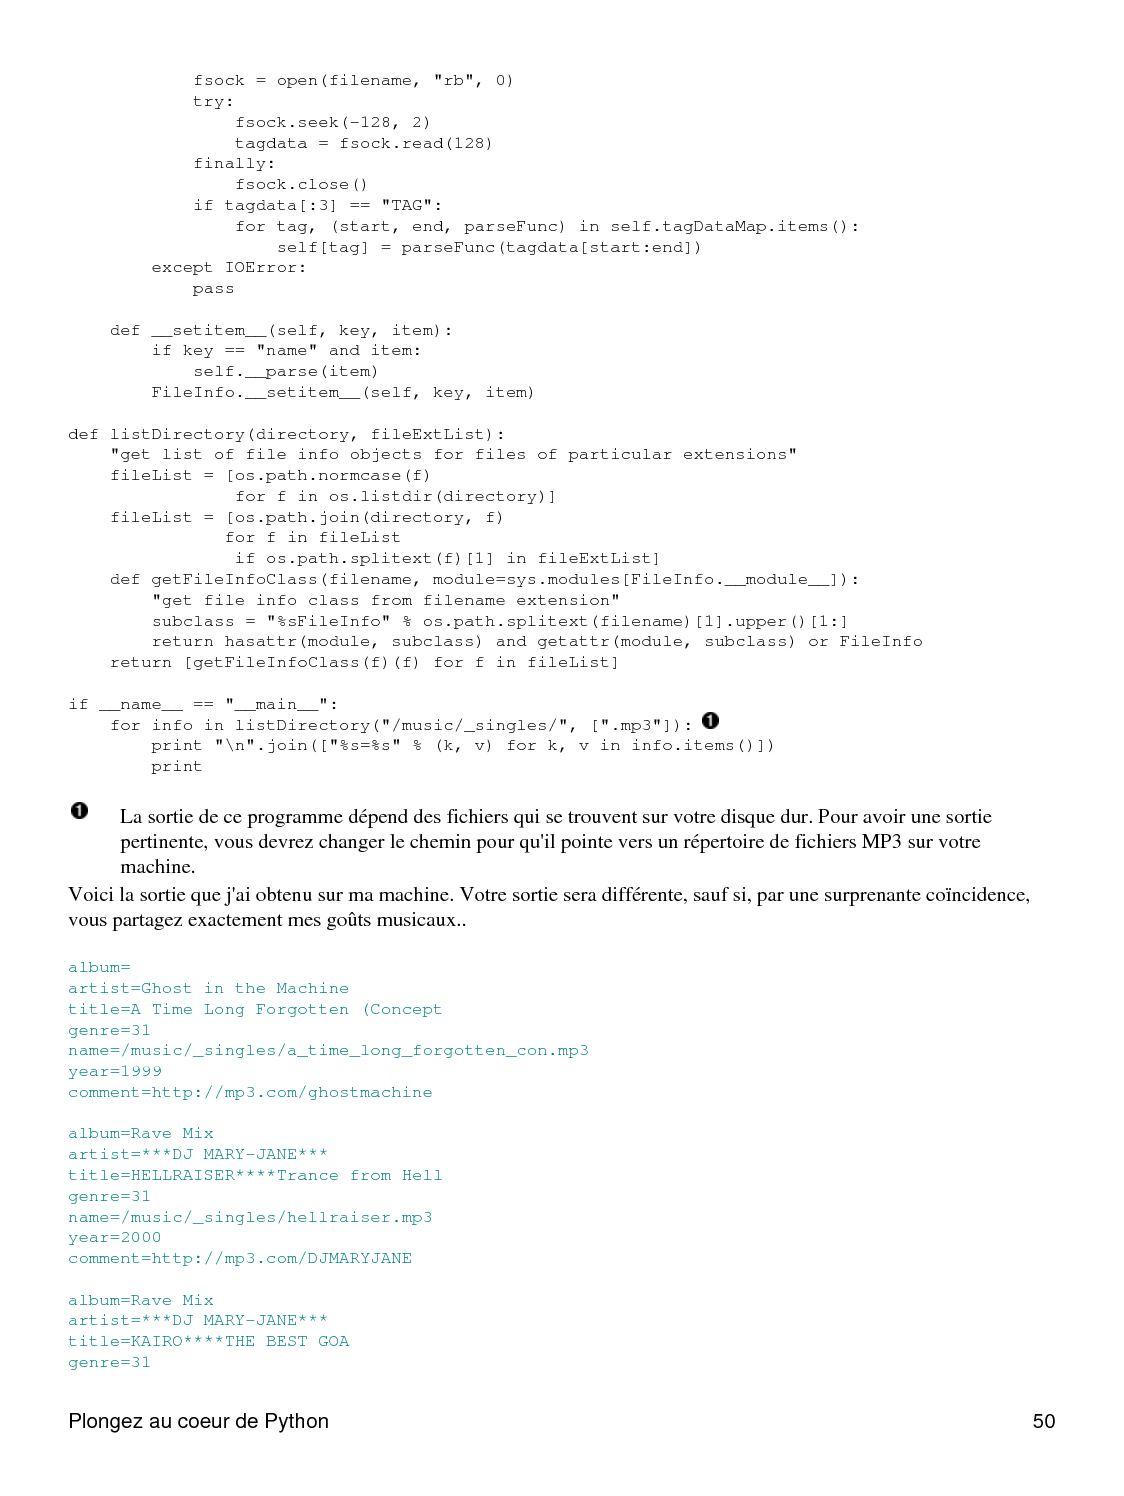 Plongez au coeur de Python - CALAMEO Downloader